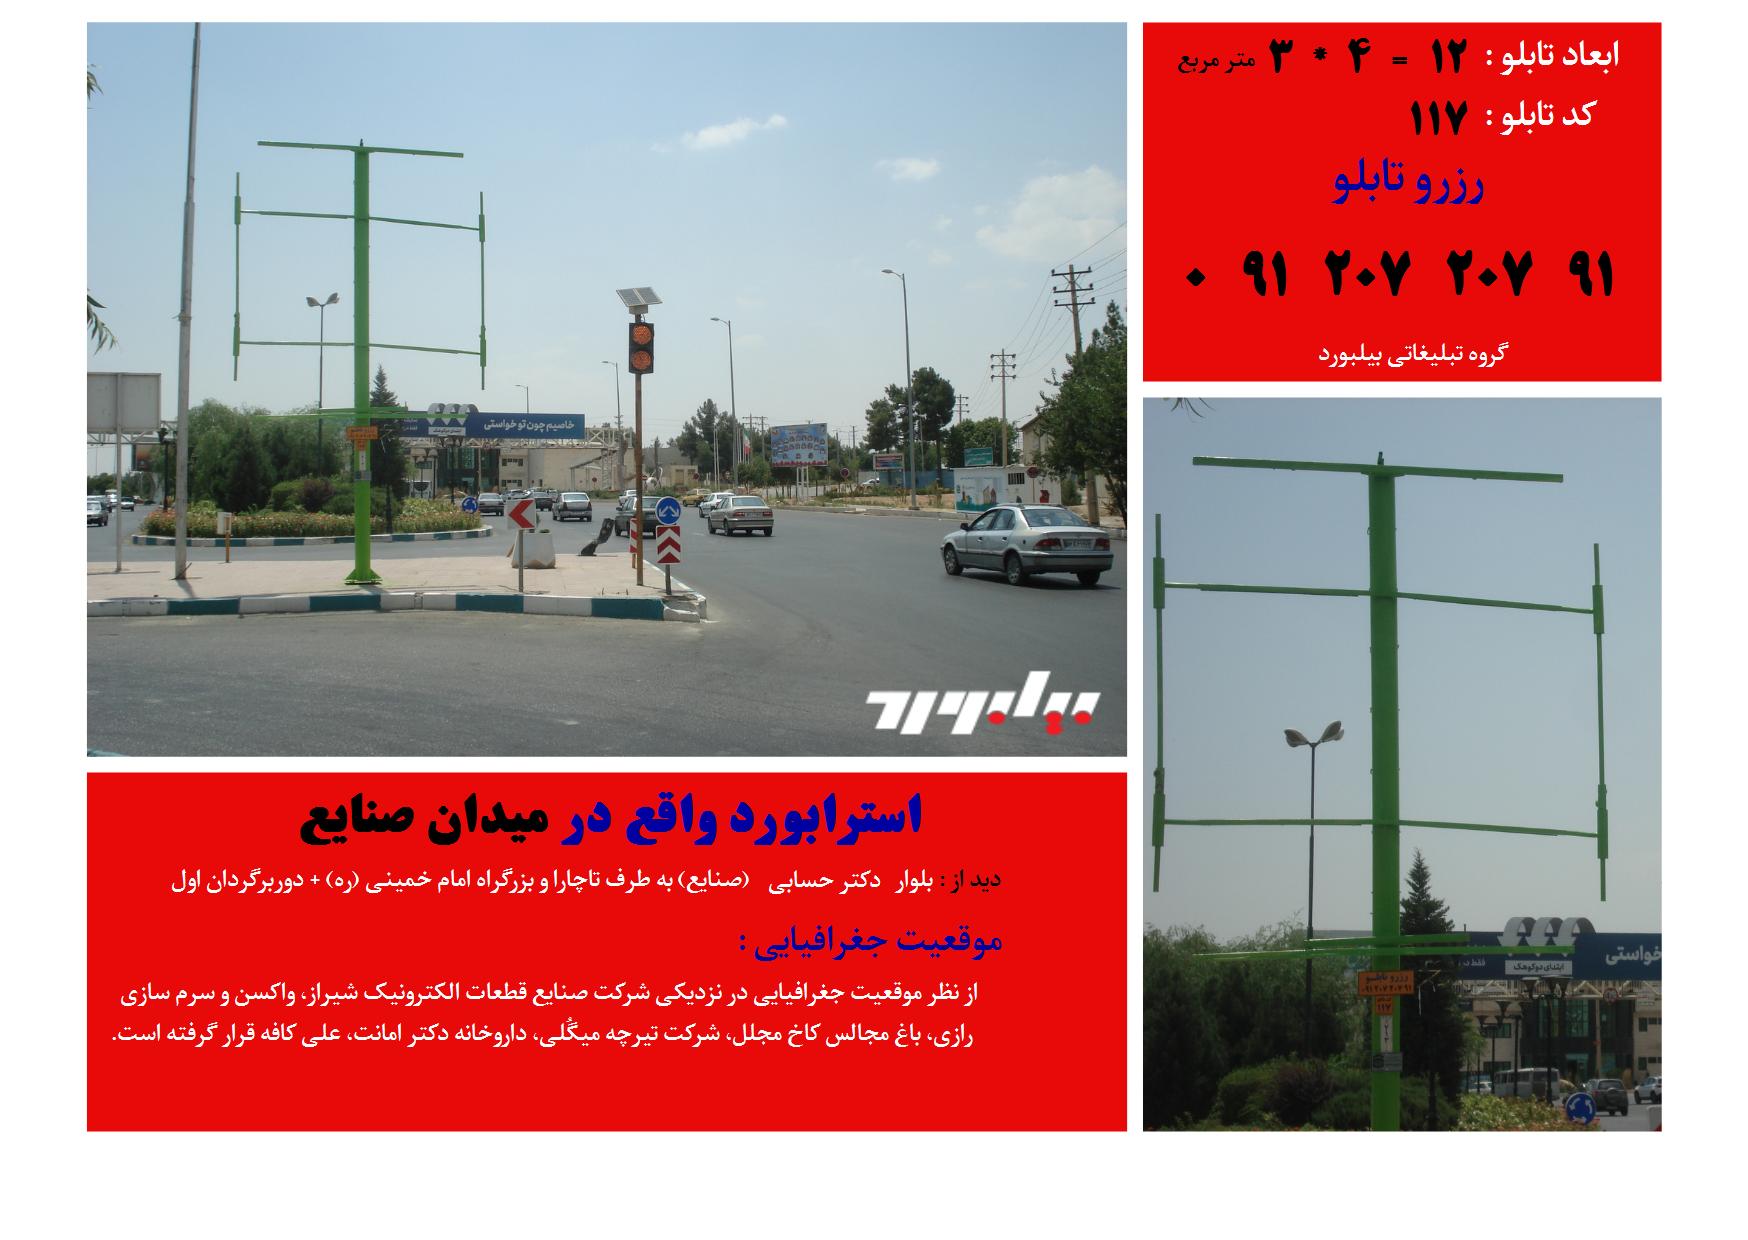 اجاره تابلو تبلیغاتی در شیراز|تبلیغات|فارس شیراز|ثبت آگهی رایگان|بیلبورد